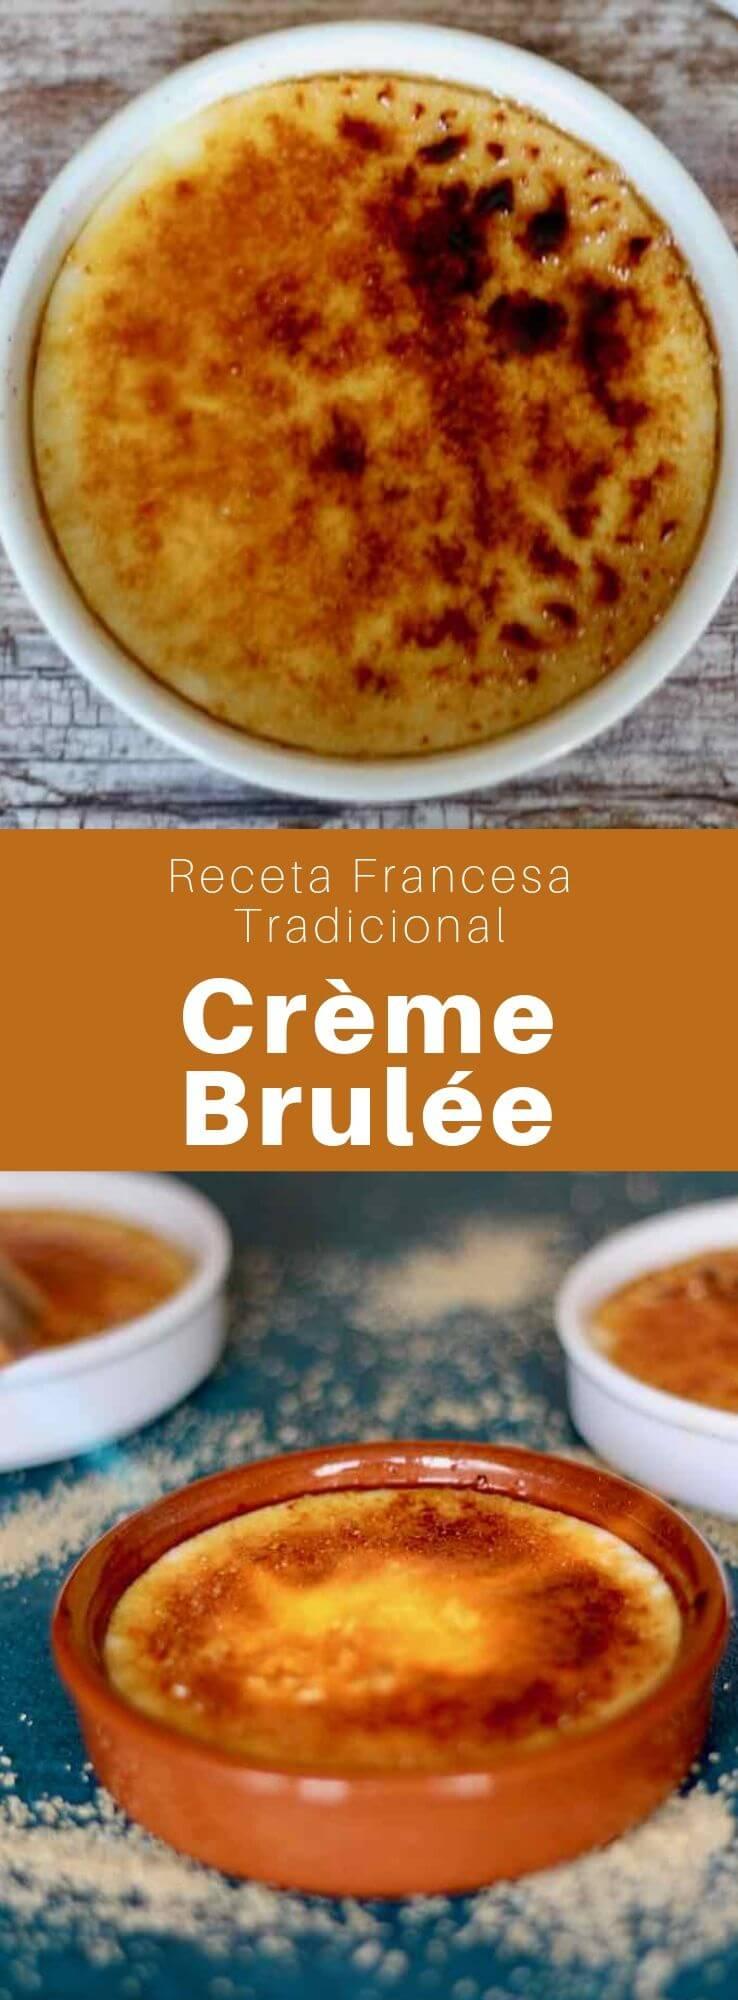 La crème brûlée es un postre tradicional francés compuesto de yemas de huevo, leche, crema espesa, azúcar y vainilla, con una corteza crujiente caramelizada.